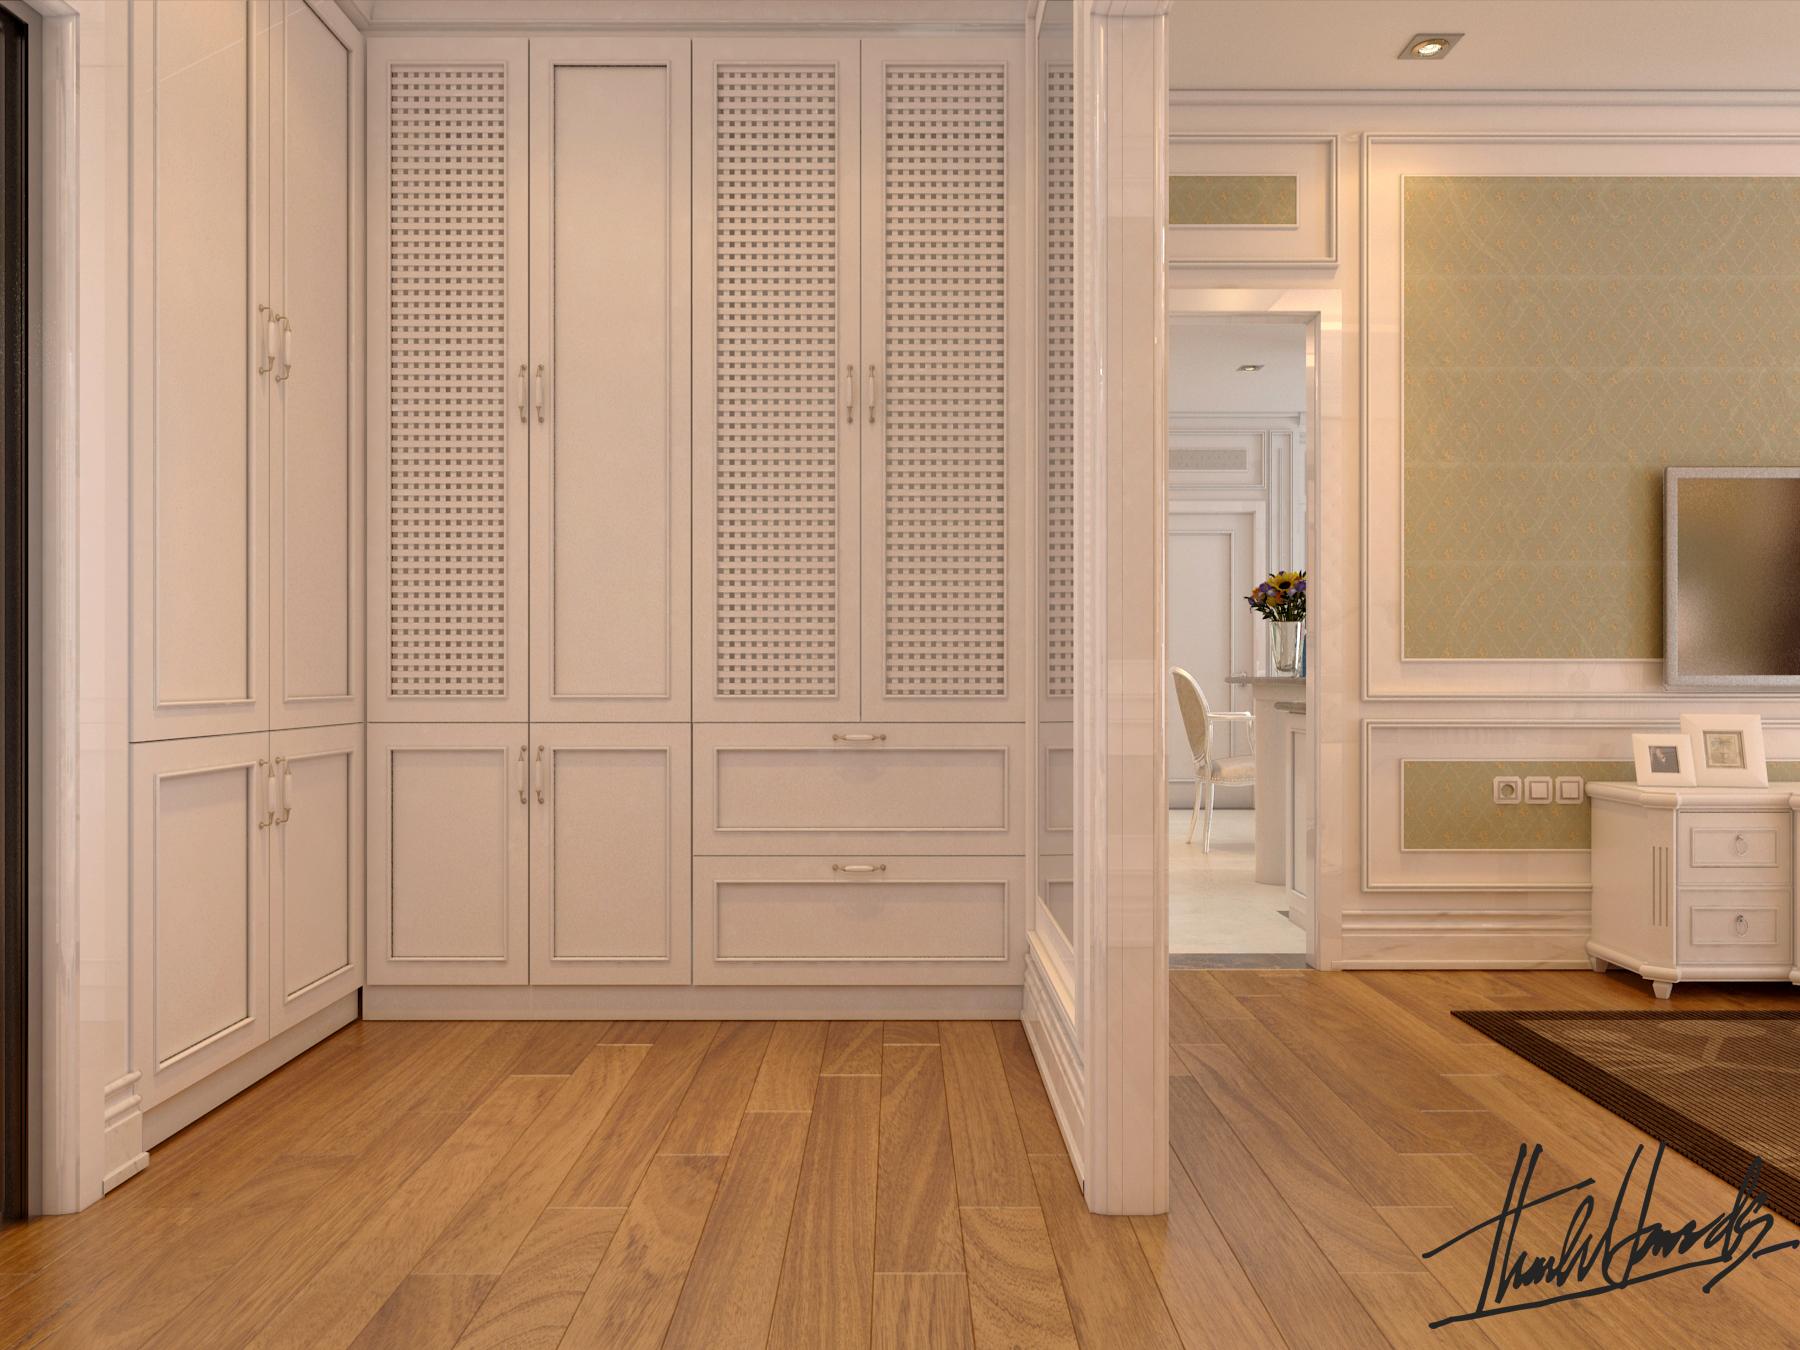 thiết kế nội thất chung cư tại Hà Nội chung cư trang an complex 12 1568277042